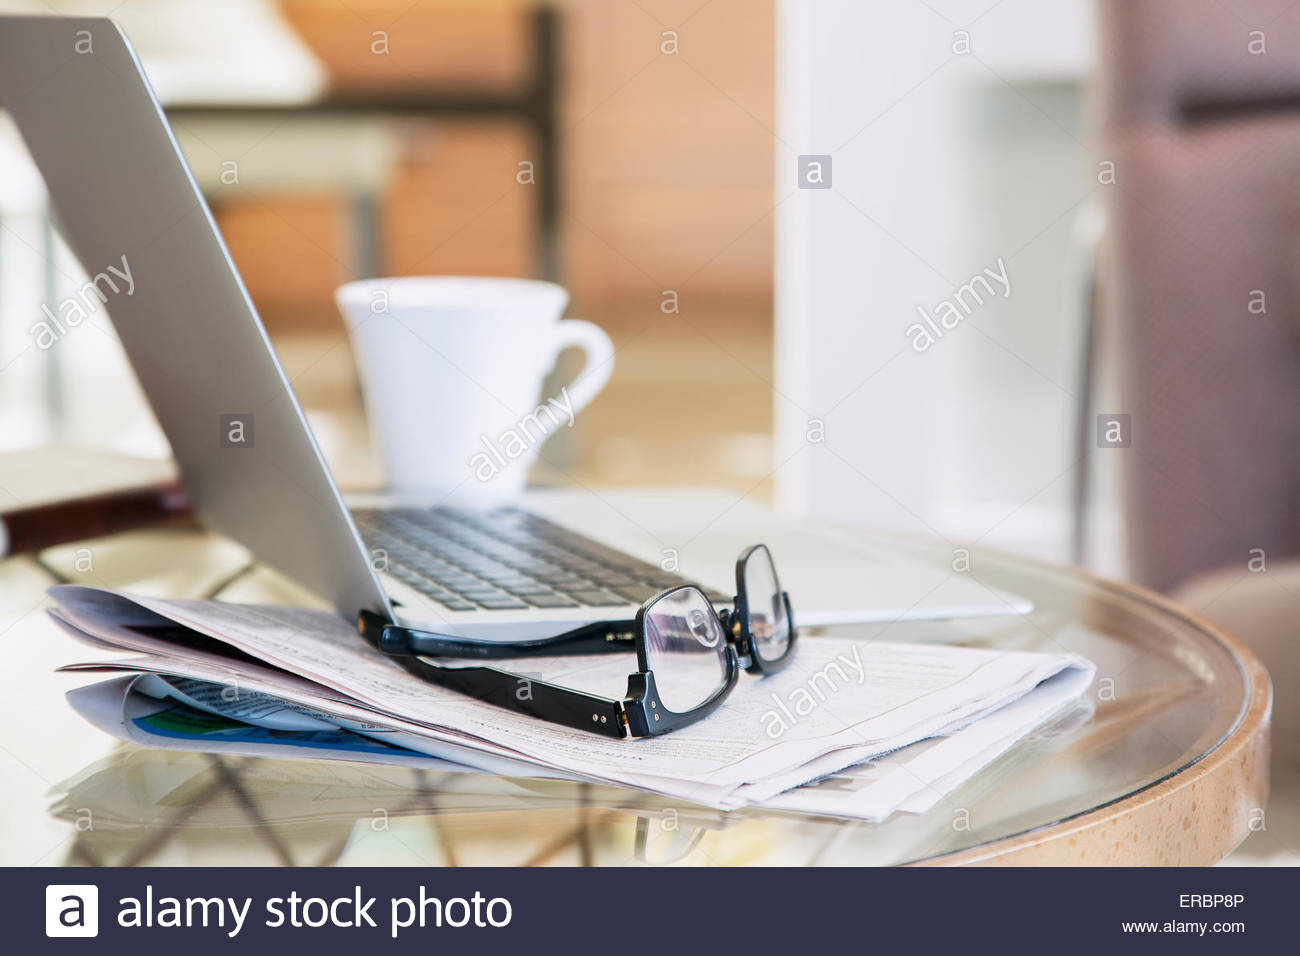 Occhiali e giornale accanto al laptop e caffè Immagini Stock